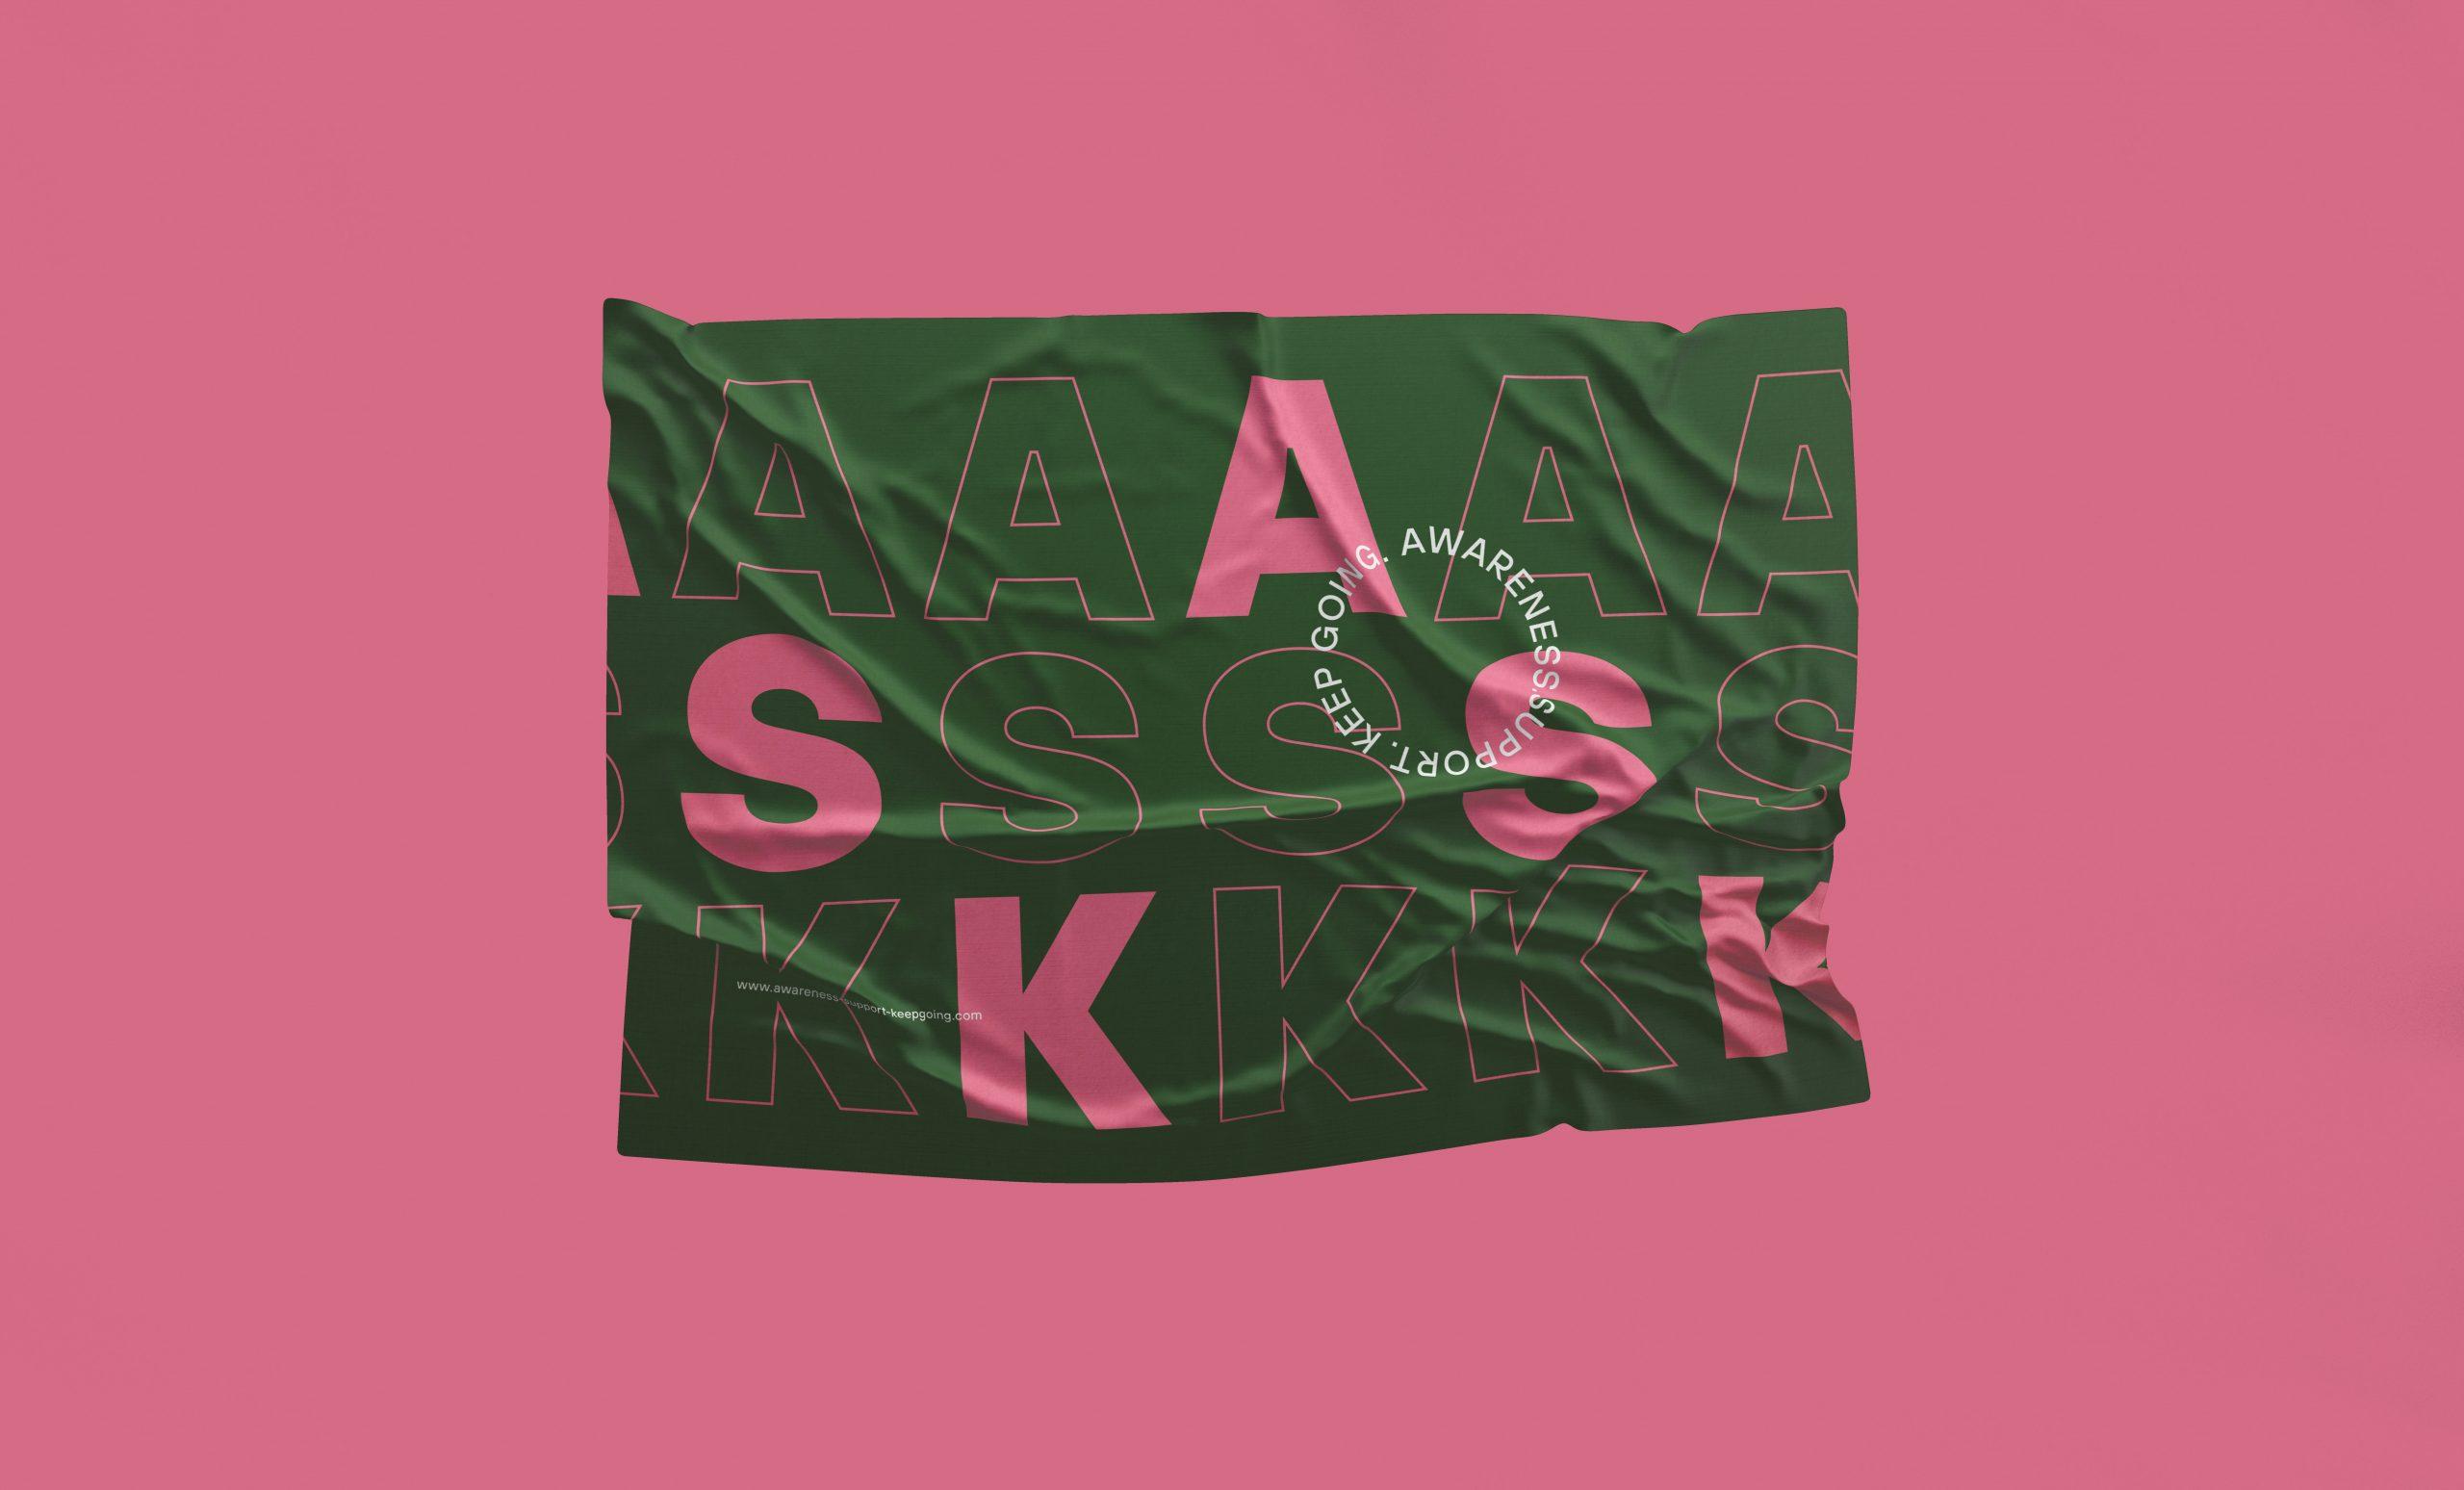 ASK branding flag